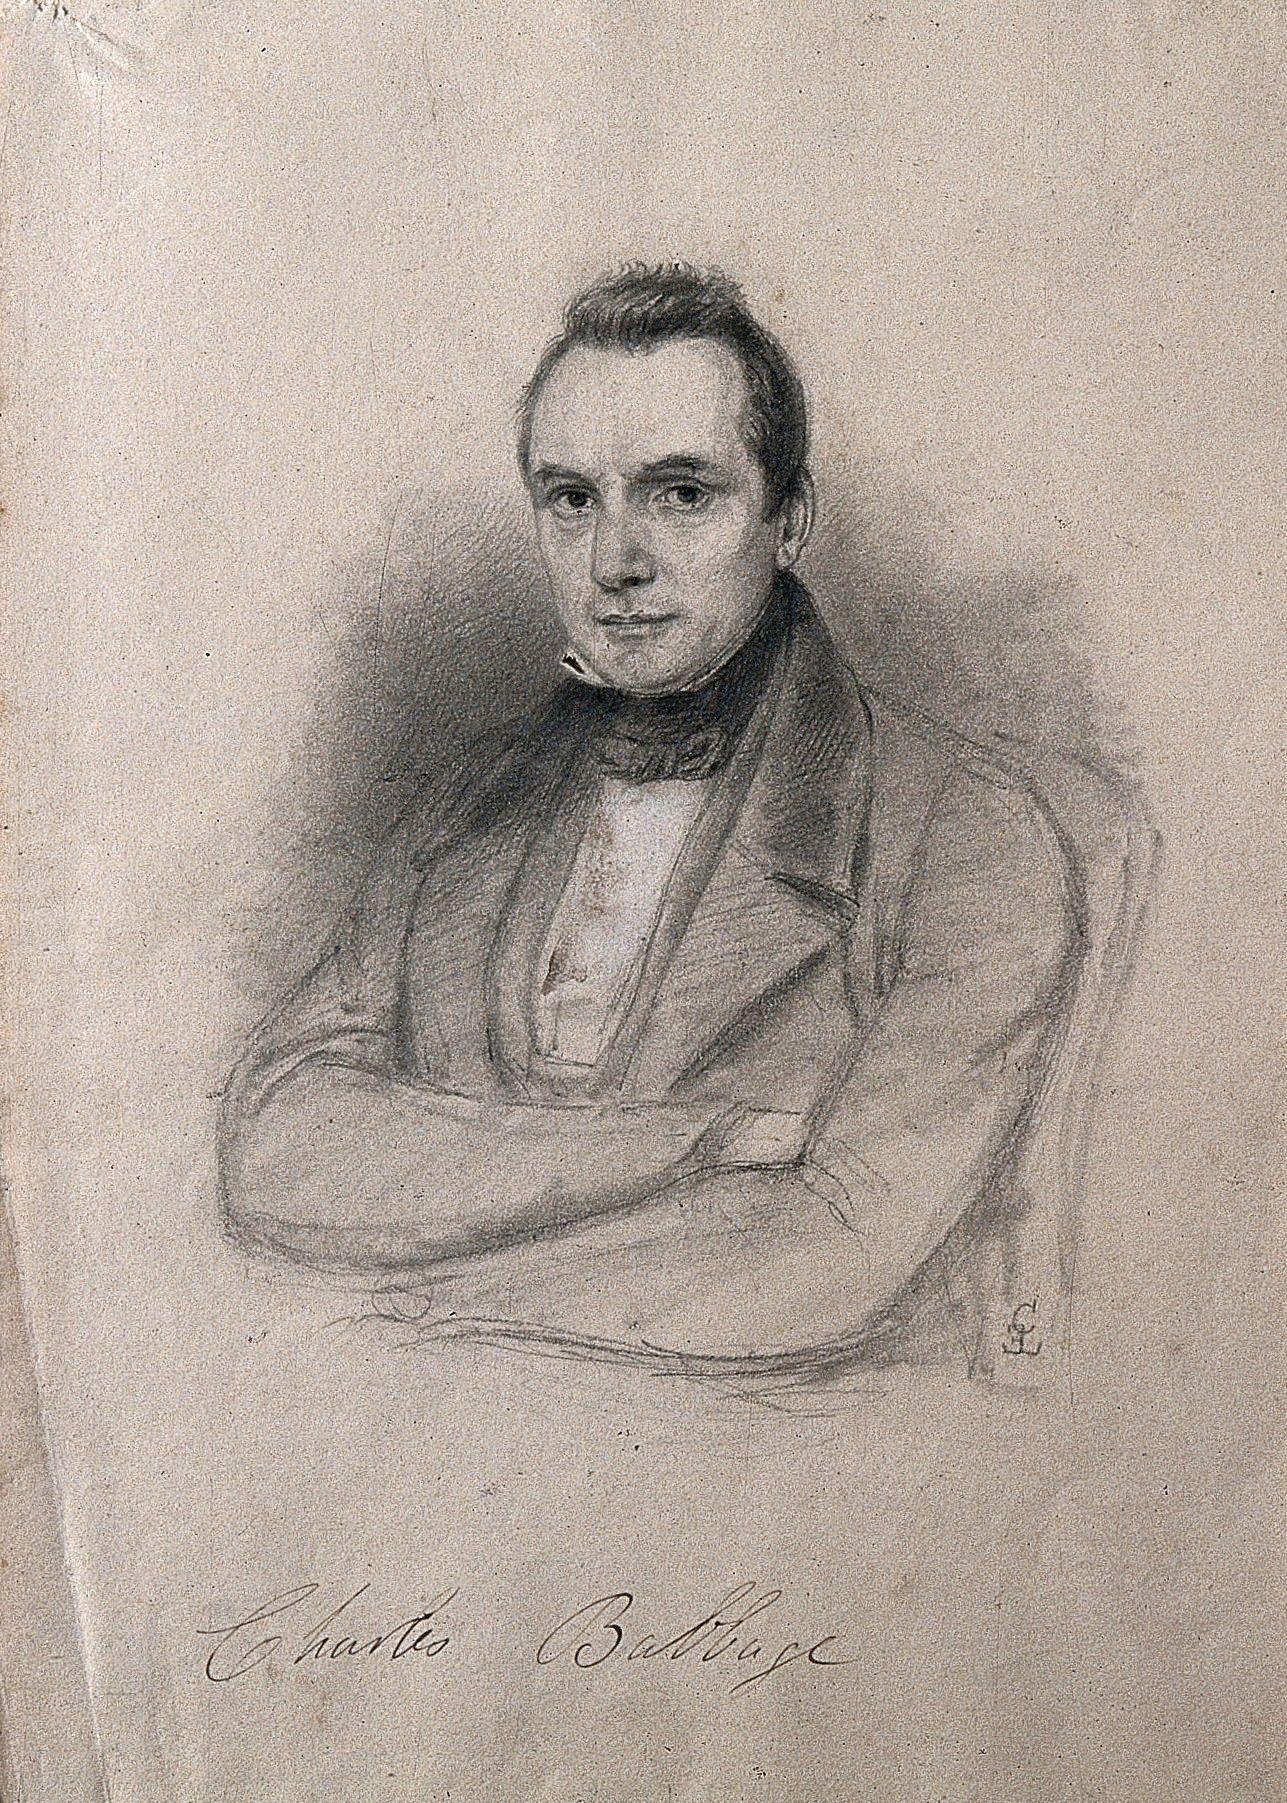 Pencil drawing by c e liverati 1841